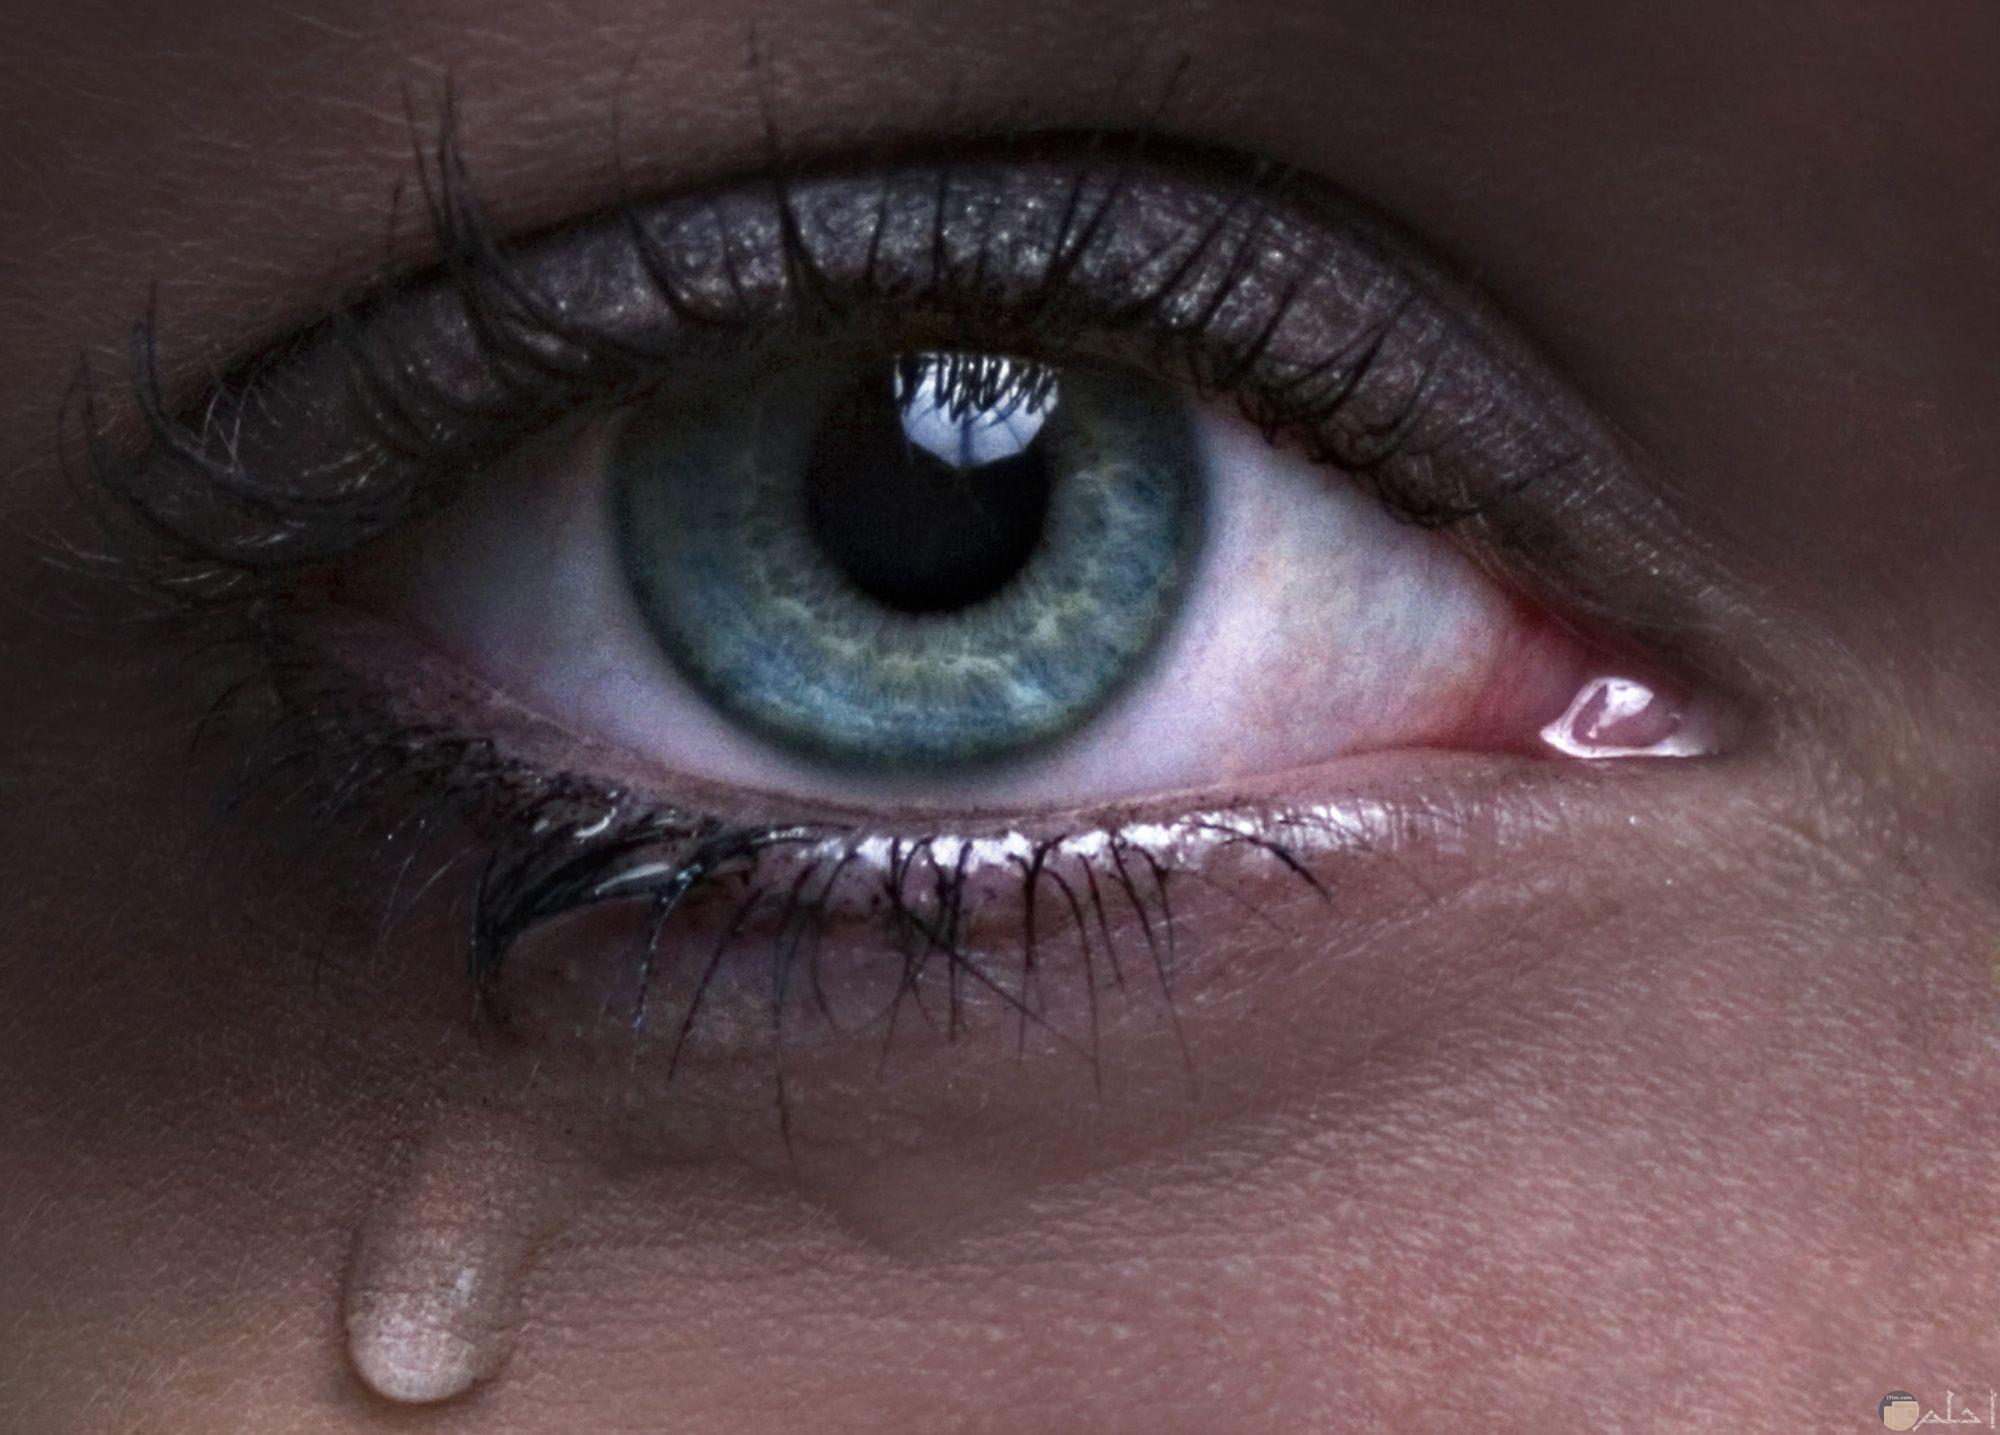 عين تبكي -ملونة و معبرة عن الحزن و الالم.